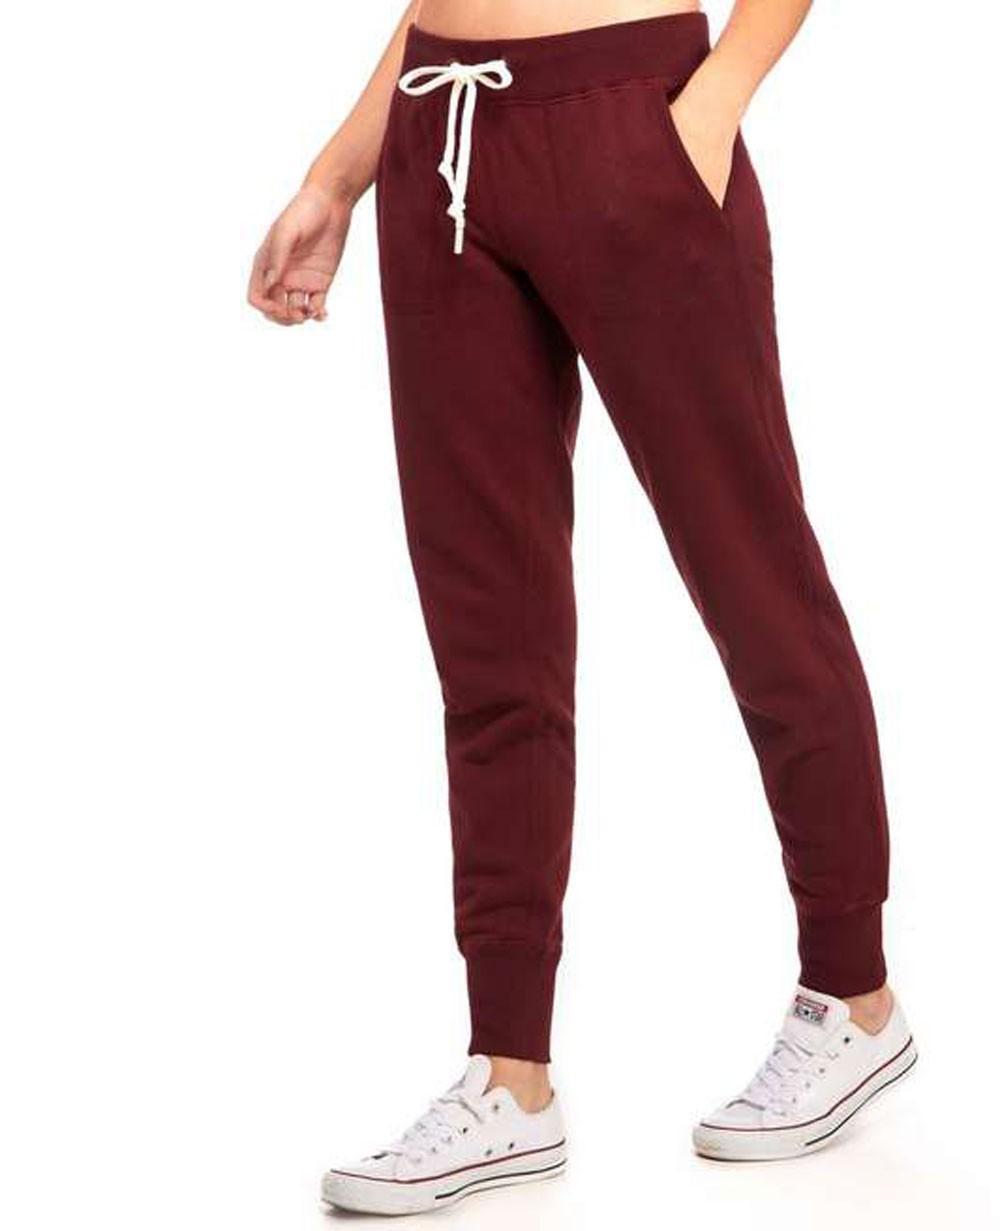 a8850249ebca4 Burgundy Best Selling Women Fleece SweatPants